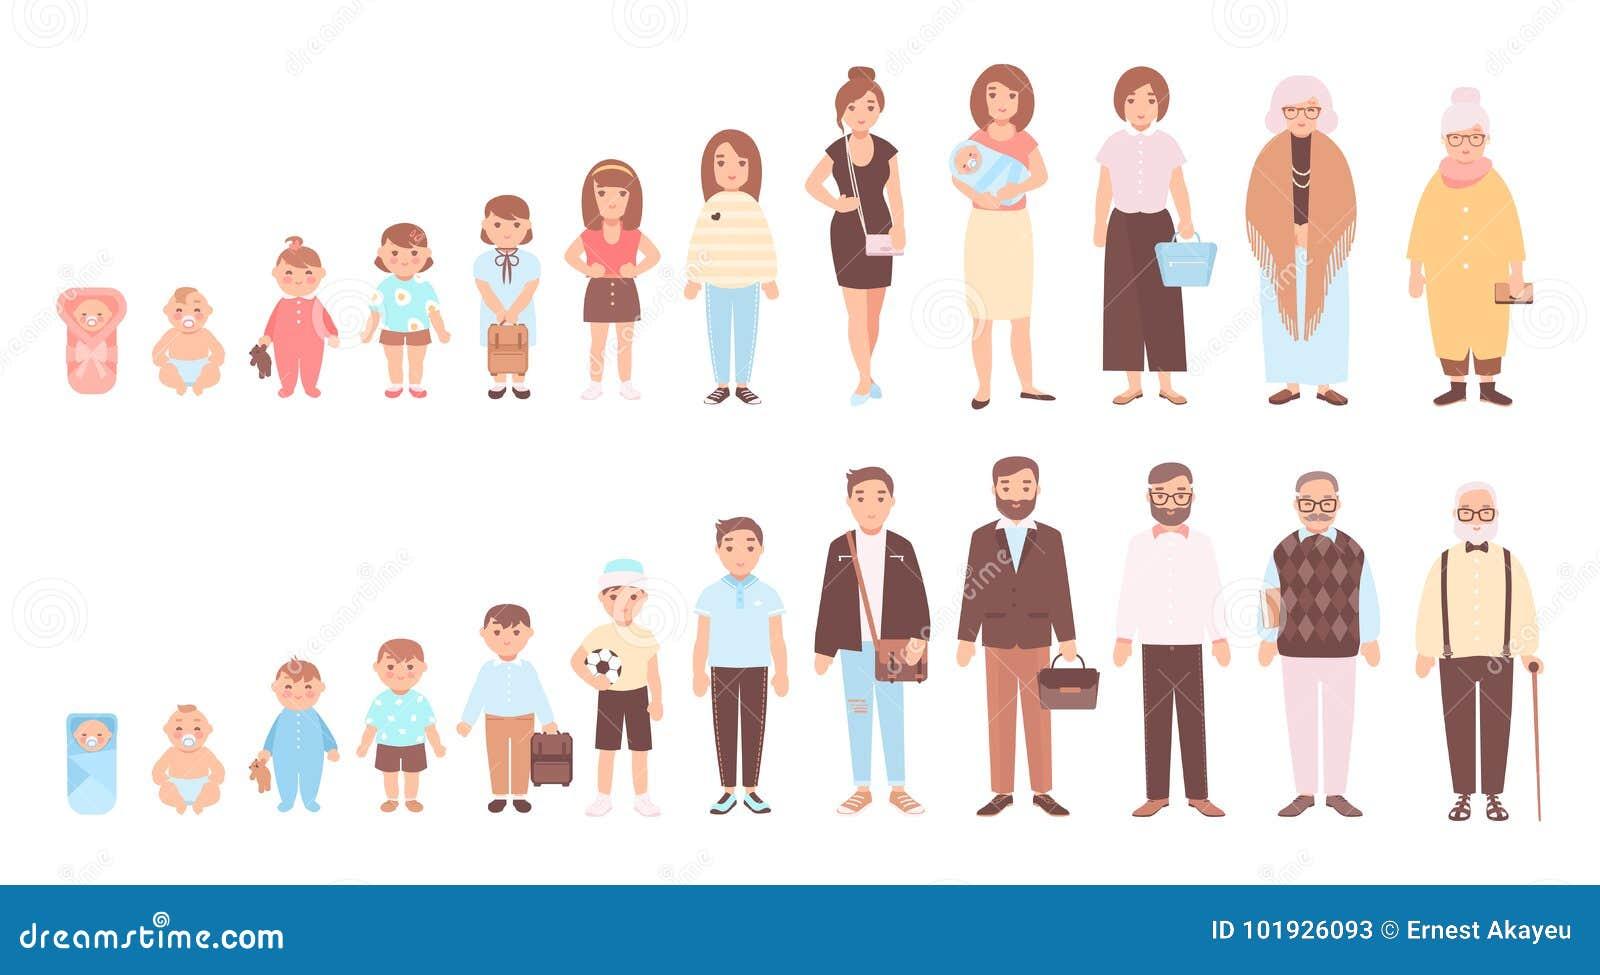 Pojęcie etapy życia mężczyzna i kobieta Unaocznienie sceny ciało ludzkie przyrost, rozwój i starzenie się, - dziecko